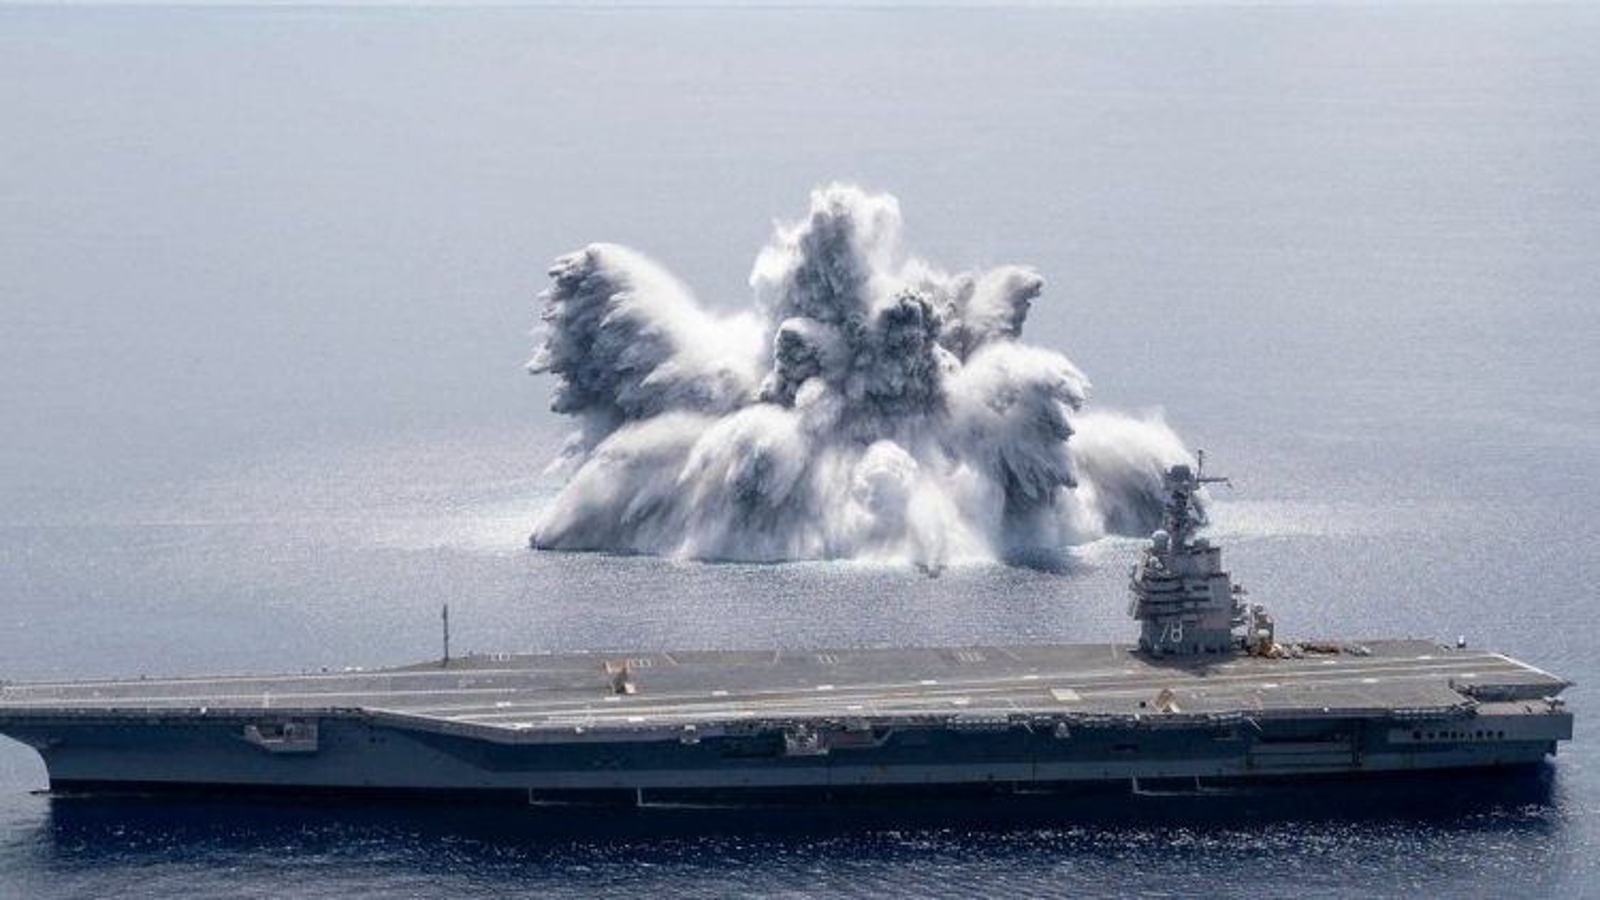 Thông điệp Mỹ gửi Nga và Trung Quốc từ vụ thử chống sốc tàu sân bay